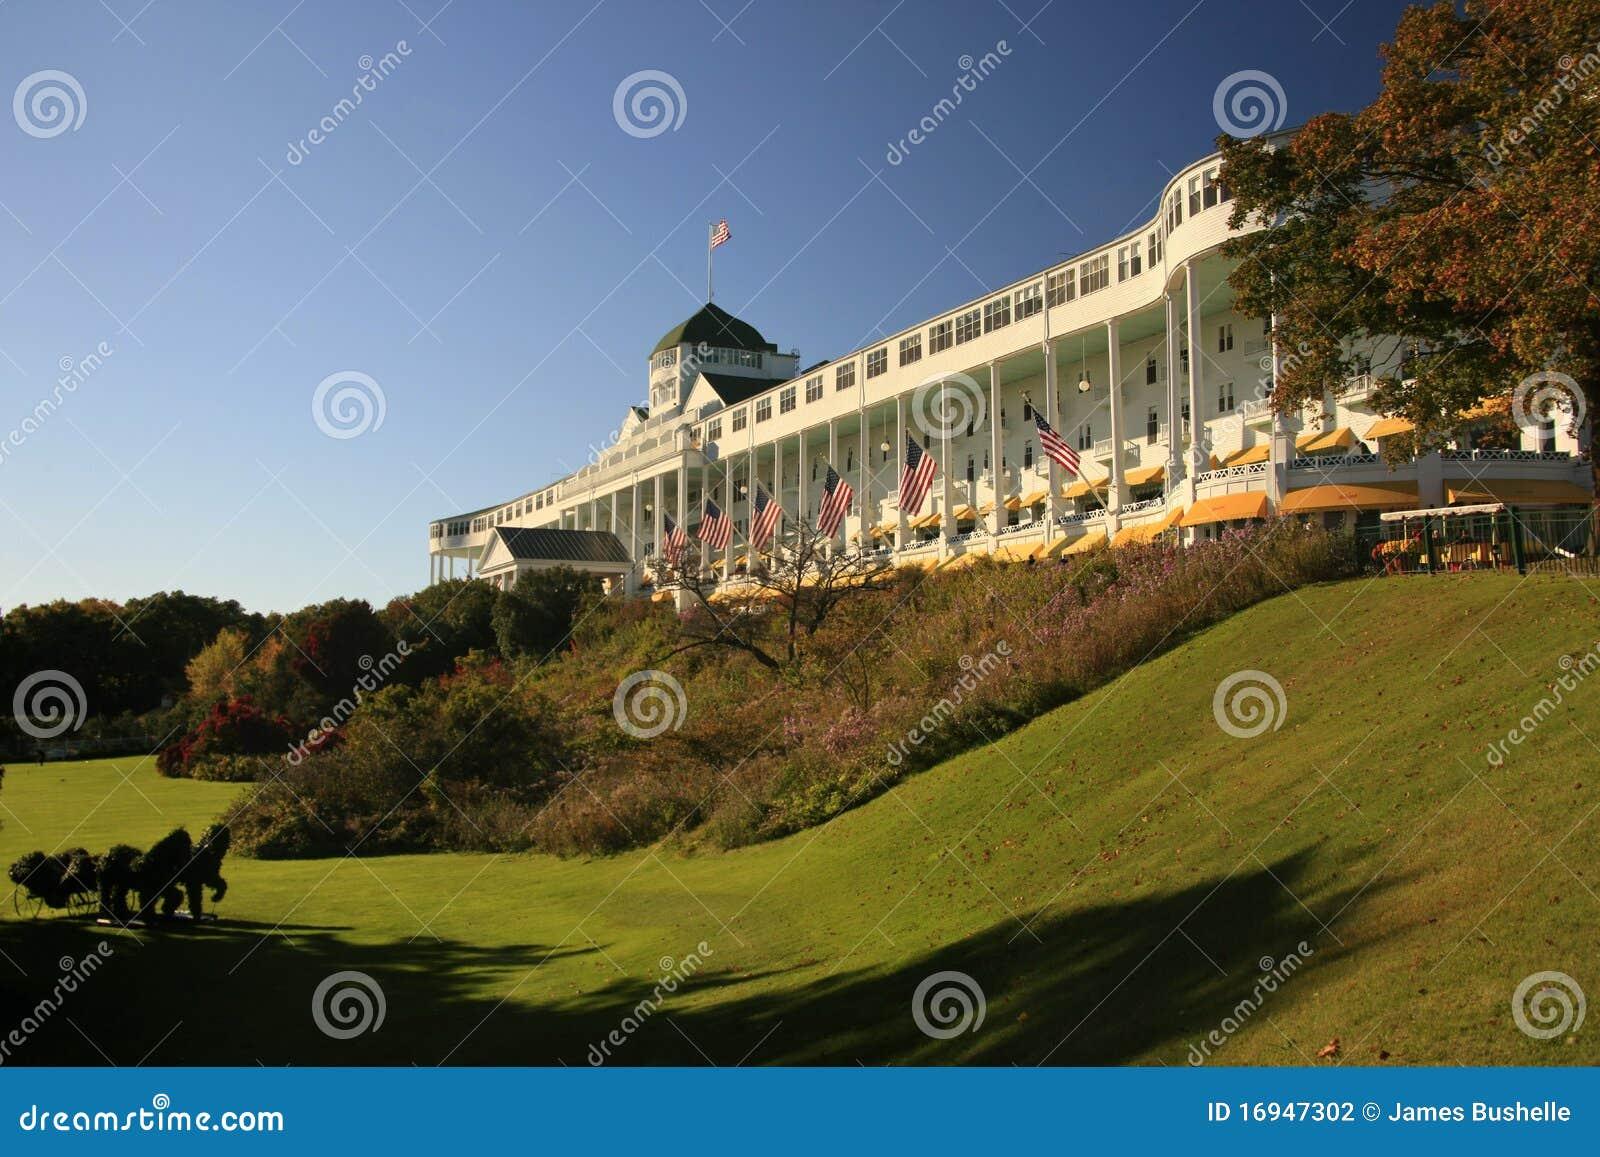 Grand hotel, mackinac island Michigan